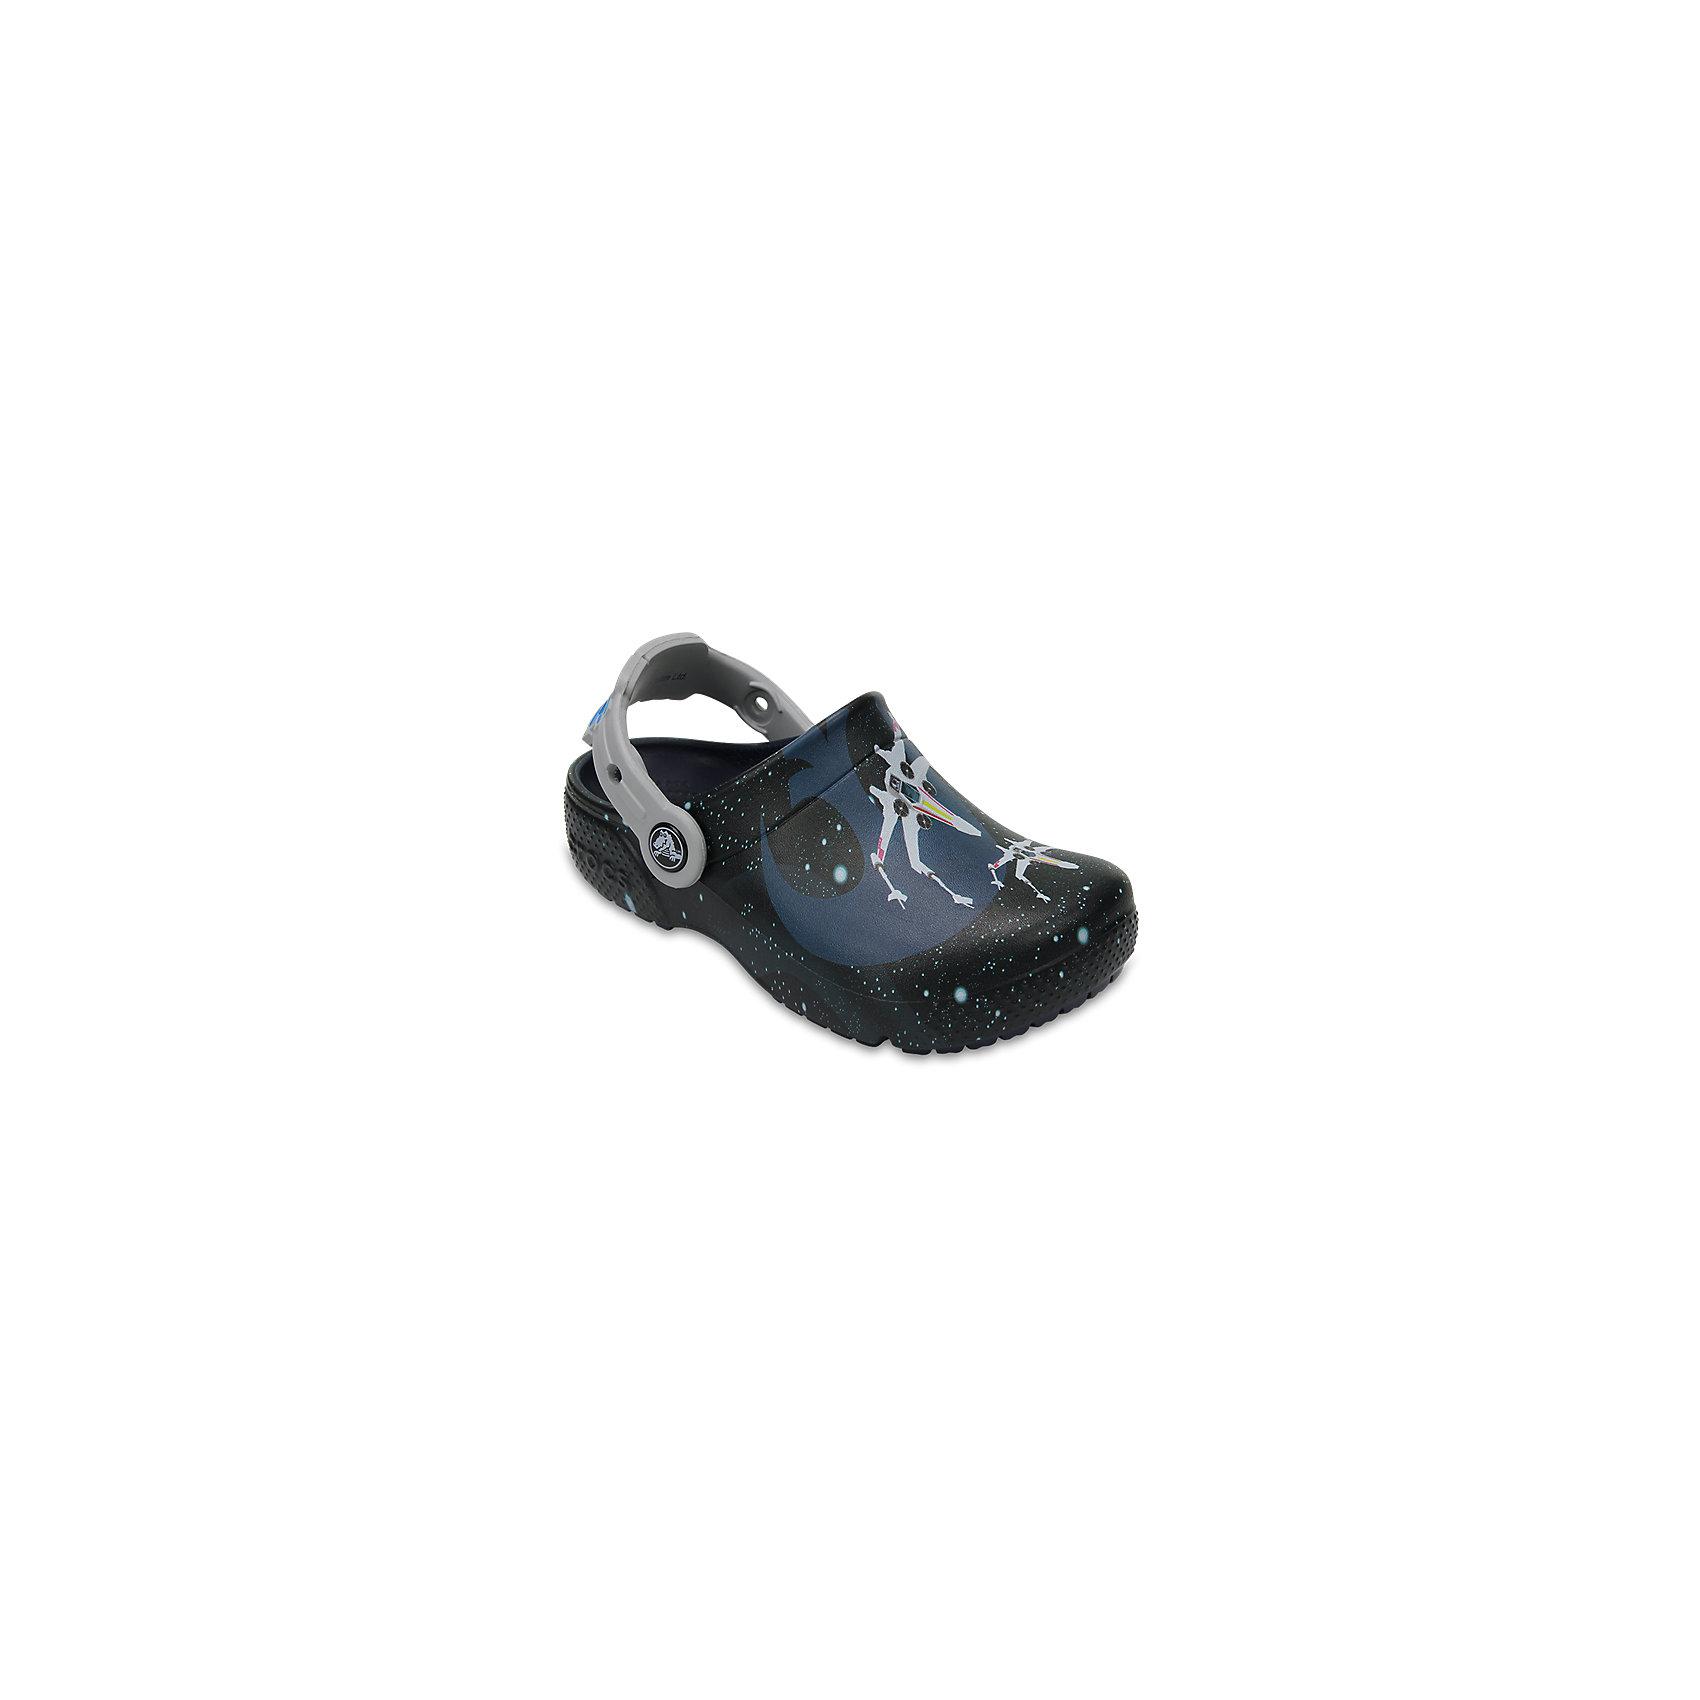 Сабо STAR WARS, CROCSПляжная обувь<br>Характеристики товара:<br><br>• цвет: черный<br>• сезон: лето<br>• тип: пляжная обувь<br>• материал: 100% полимер Croslite™<br>• под воздействием температуры тела принимают форму стопы<br>• полностью литая модель<br>• вентиляционные отверстия<br>• бактериостатичный материал<br>• пяточный ремешок фиксирует стопу<br>• отверстия для использования украшений<br>• анатомическая стелька с массажными точками<br>• страна бренда: США<br>• страна изготовитель: Китай<br><br>Обувь от американского бренда Crocs в данный момент завоевала широкую популярность во всем мире, и это не удивительно - ведь она невероятно удобна. <br><br>Её носят врачи, спортсмены, звёзды шоу-бизнеса, люди, которым много времени приходится бывать на ногах - они понимают, как важна комфортная обувь. <br><br>Продукция Crocs - это качественные товары, созданные с применением новейших технологий. <br><br>Обувь отличается стильным дизайном и продуманной конструкцией. <br><br>Изделие производится из качественных и проверенных материалов, которые безопасны для детей.<br><br>Сабо STAR WARS, CROCS можно купить в нашем интернет-магазине.<br><br>Ширина мм: 225<br>Глубина мм: 139<br>Высота мм: 112<br>Вес г: 290<br>Цвет: синий<br>Возраст от месяцев: 36<br>Возраст до месяцев: 48<br>Пол: Мужской<br>Возраст: Детский<br>Размер: 27,34/35,28,29,30,21,22,23,24,25,26,31/32,33/34<br>SKU: 5417018